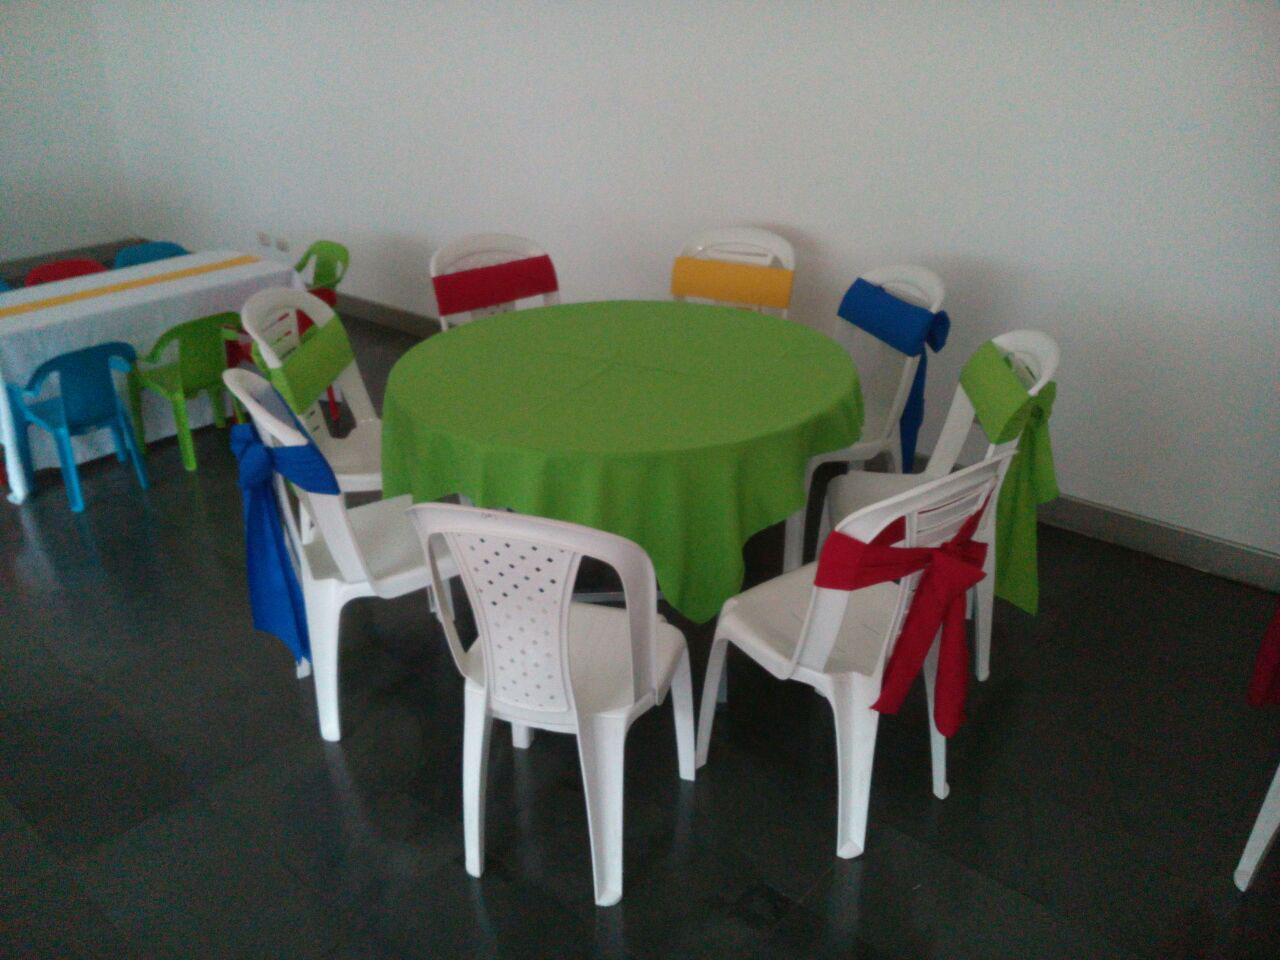 Alquiler de sillas mesas y manteles payasos titeres - Mesas para ninos de plastico ...